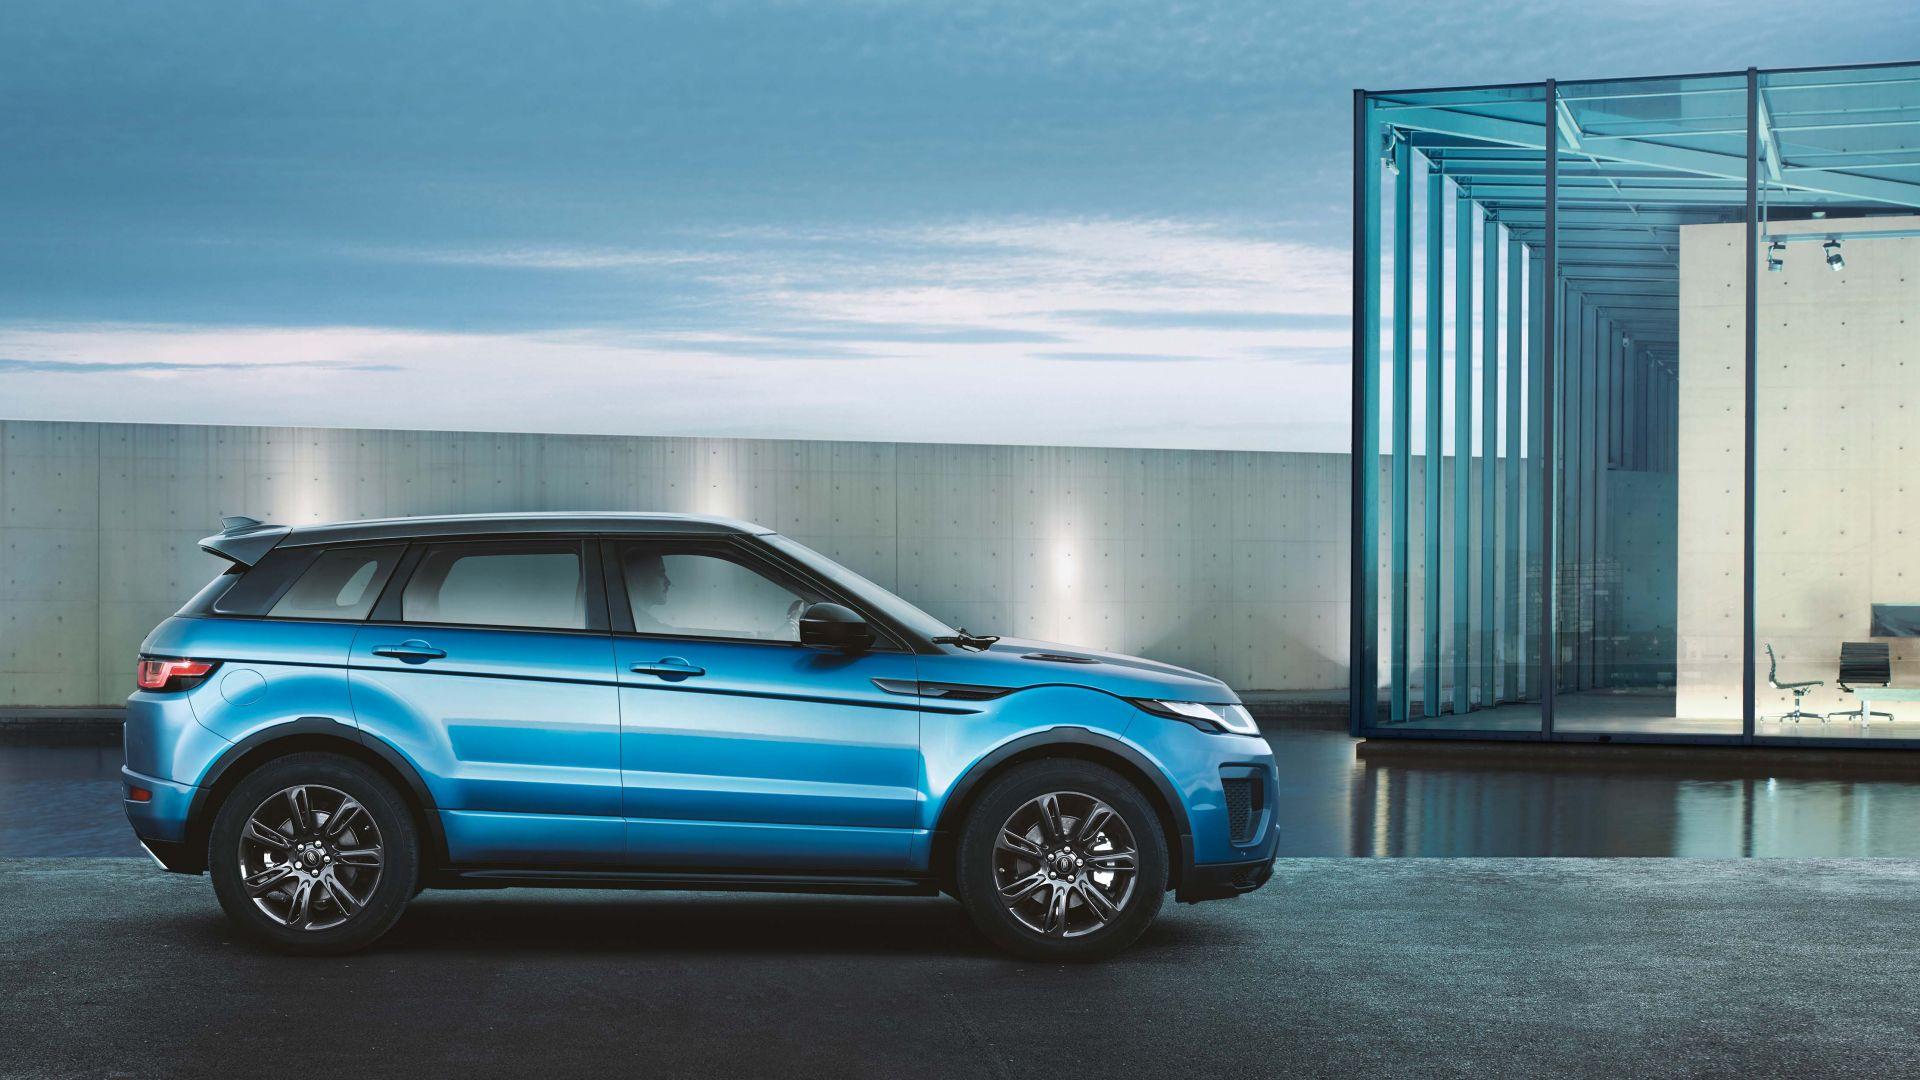 Wallpaper Range Rover Evoque, 2019 Cars, 4k, Cars & Bikes #15877